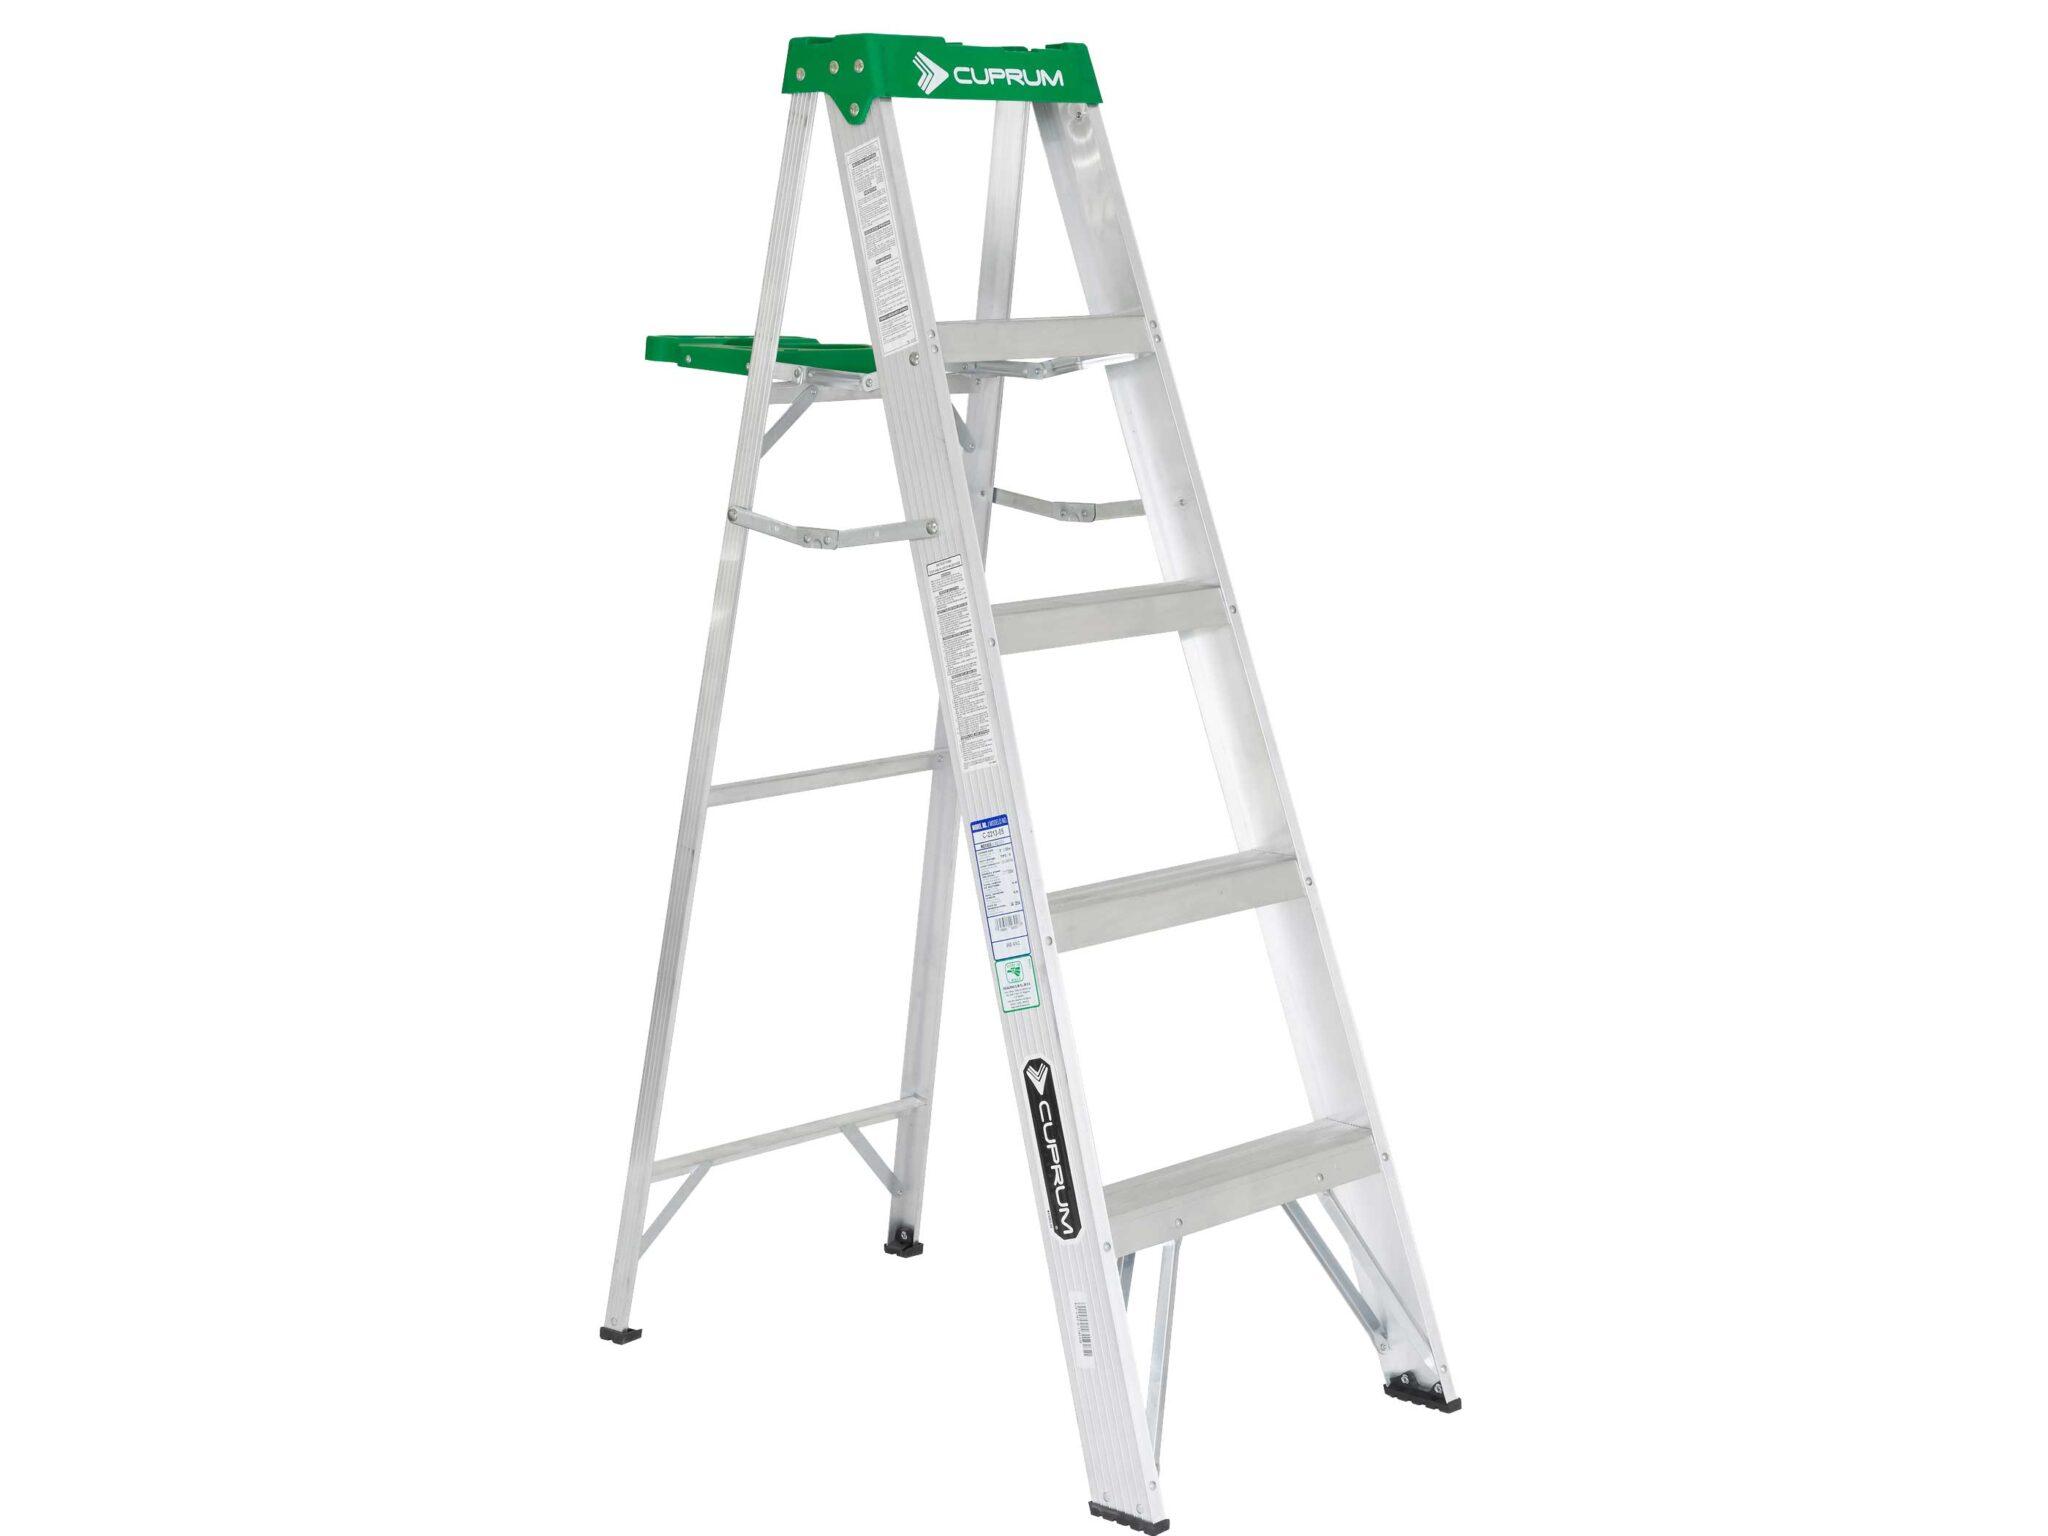 Escalera de tijera de aluminio 4 pelda os cuprum - Peldanos para escaleras ...